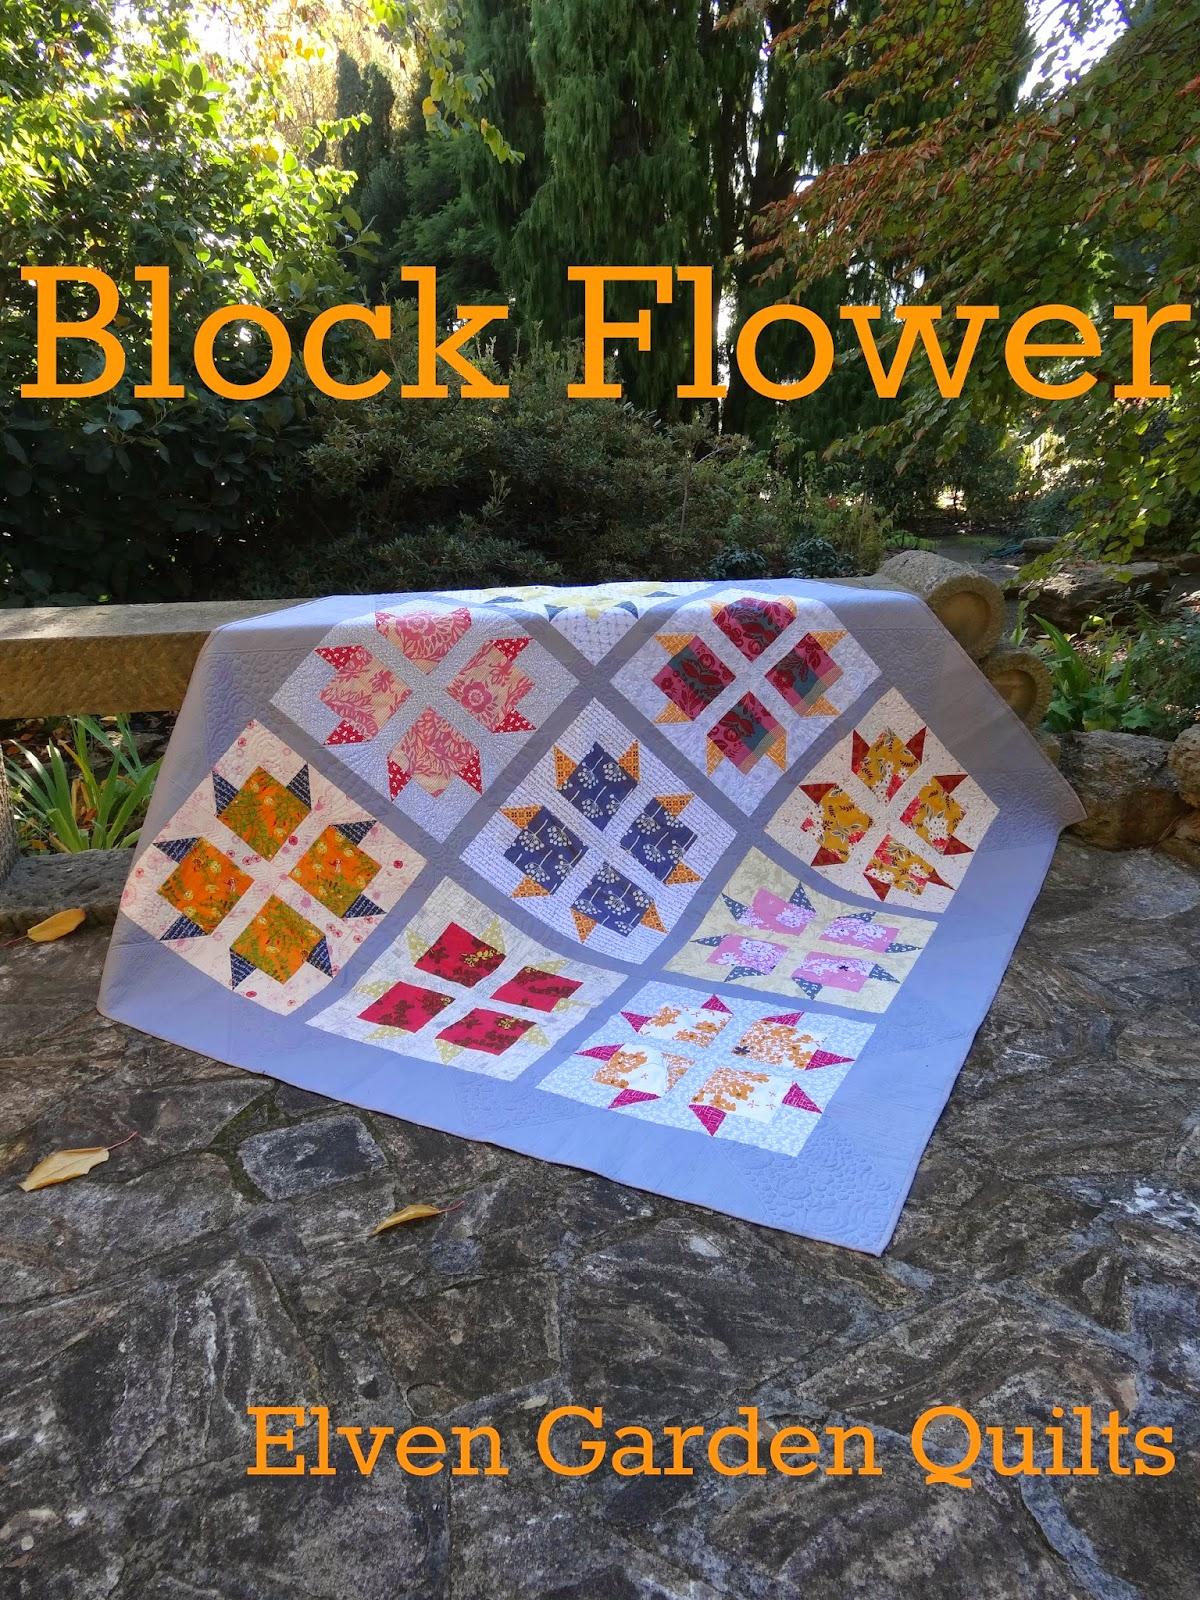 http://4.bp.blogspot.com/-ebTMYSSRzVQ/U9iG4uykJuI/AAAAAAAACYc/NcIAlB6ceH8/s1600/BLock+Flower+pattern+cover.jpg